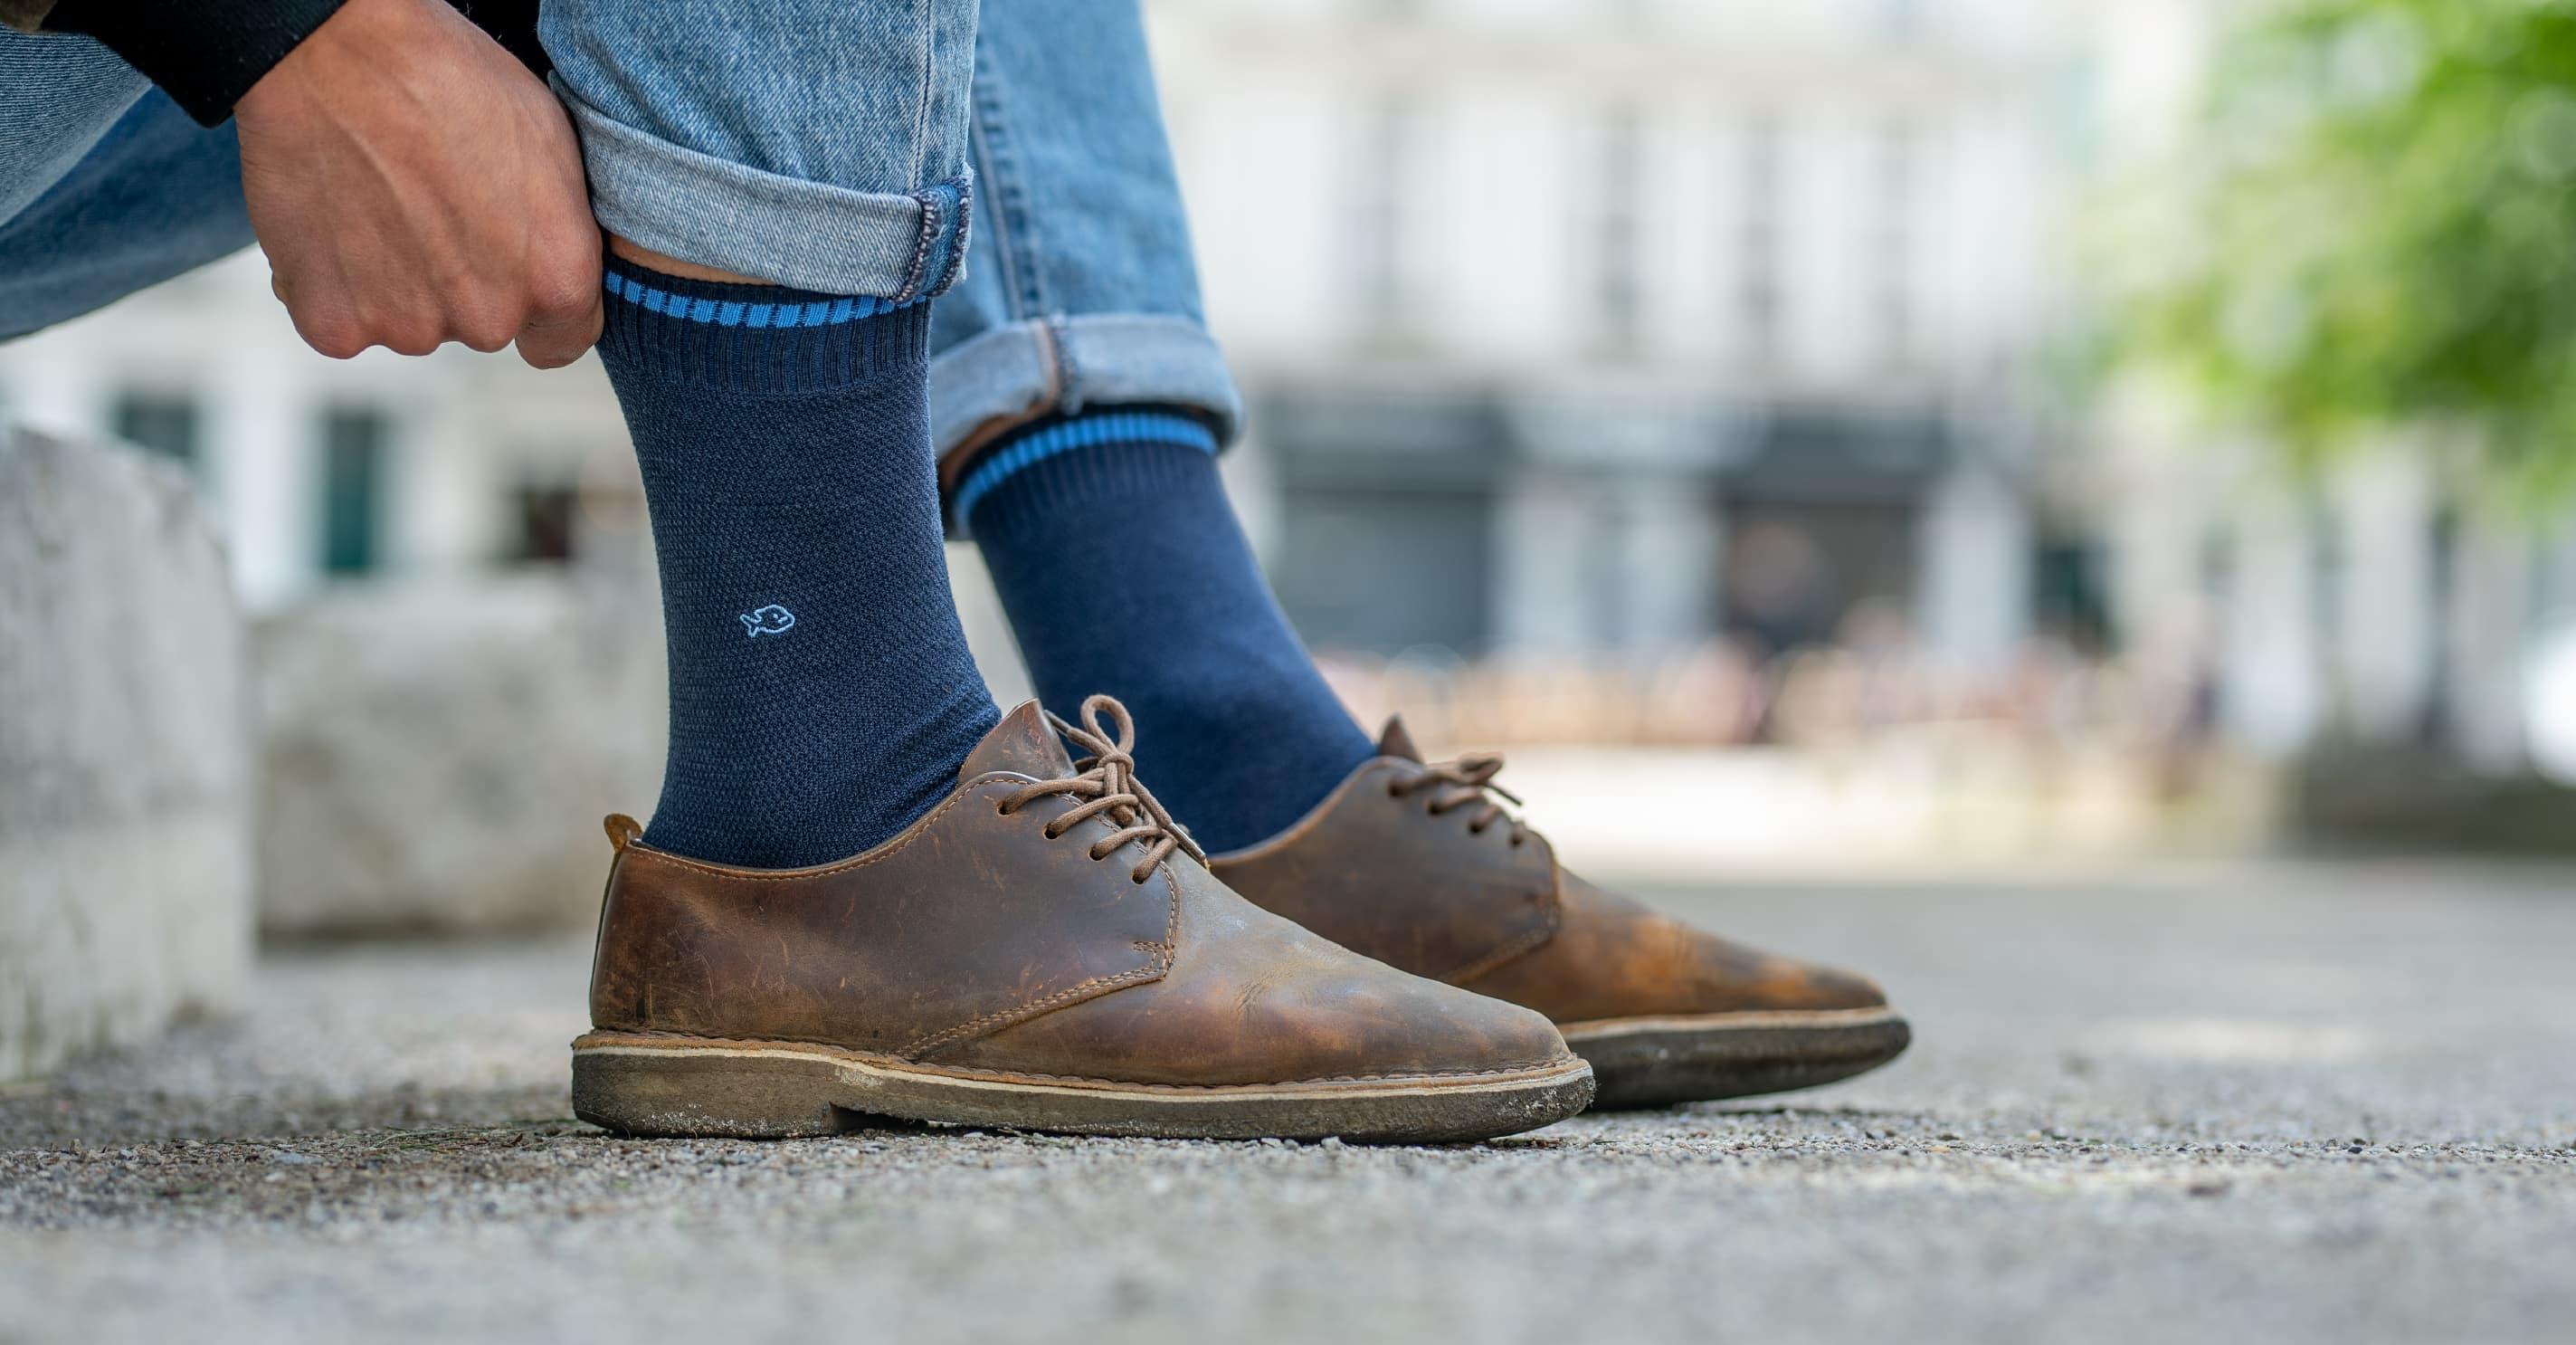 Les chaussettes en maille piquée pour homme sont des chaussettes bien différent des chaussettes classiques. Le tricotage du coton en losange donne du relief et des détails particulièrement soignés. C'est une méthode également utilisée dans la confection des polos. Infroissables, très souples et extensibles les chaussettes en maille piquée sont idéales au quotidien. Les chaussettes pour homme en maille piquée sont en coton peigné ce qui permet de réguler la transpiration et de minimiser les mauvaises odeurs. De couleurs foncées ou claires, avec des teintes sobres ou vives, ces chaussettes peuvent s'associer avec tous vos styles.